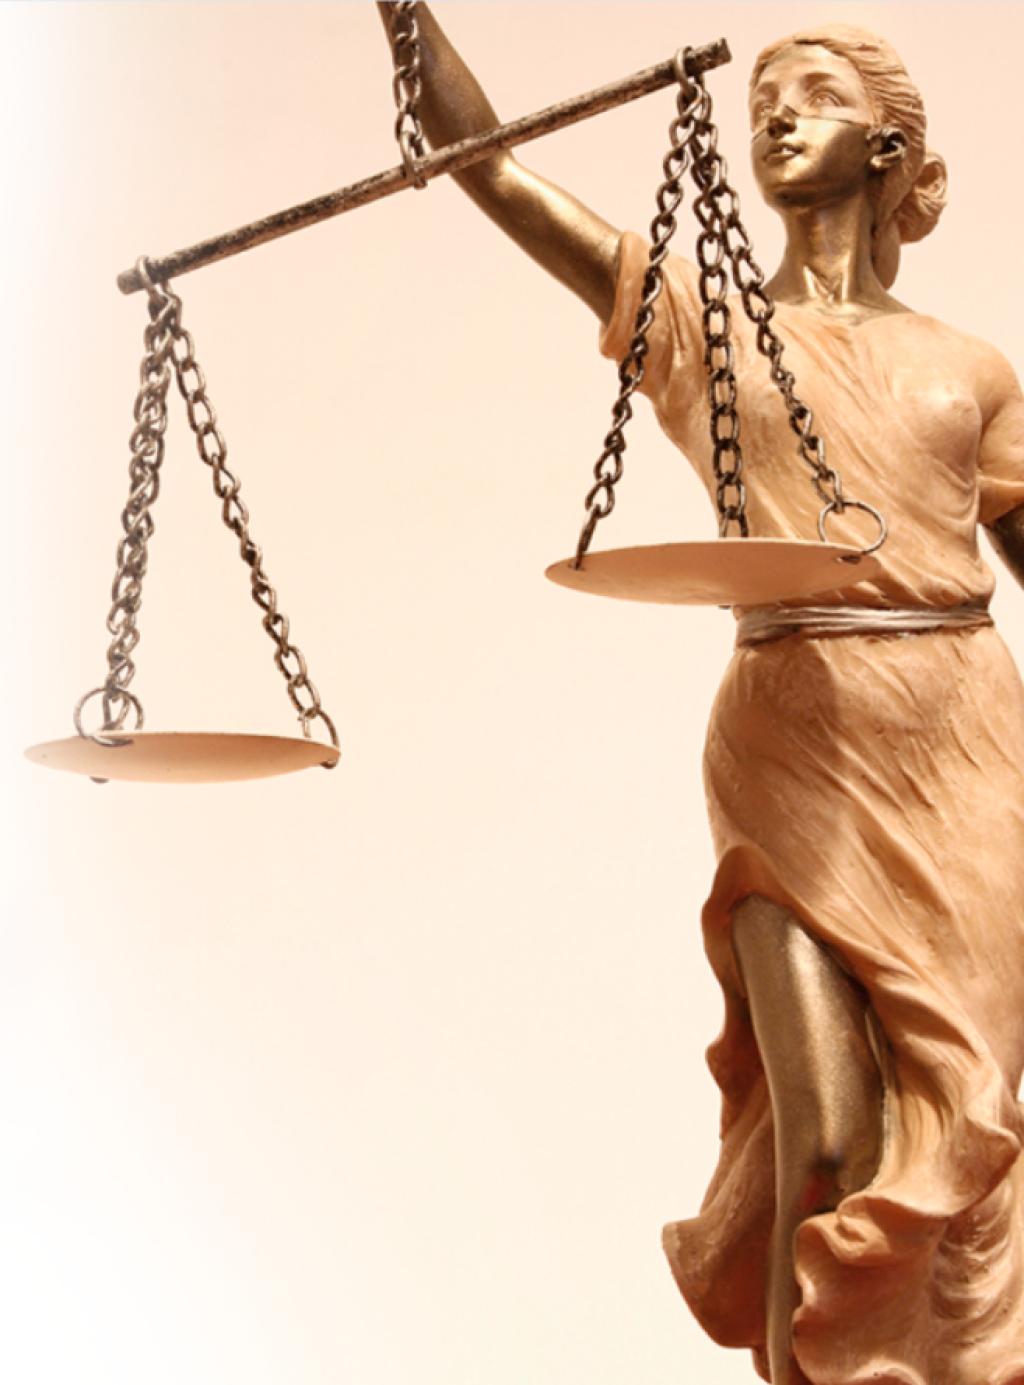 юрист в юридической консультации